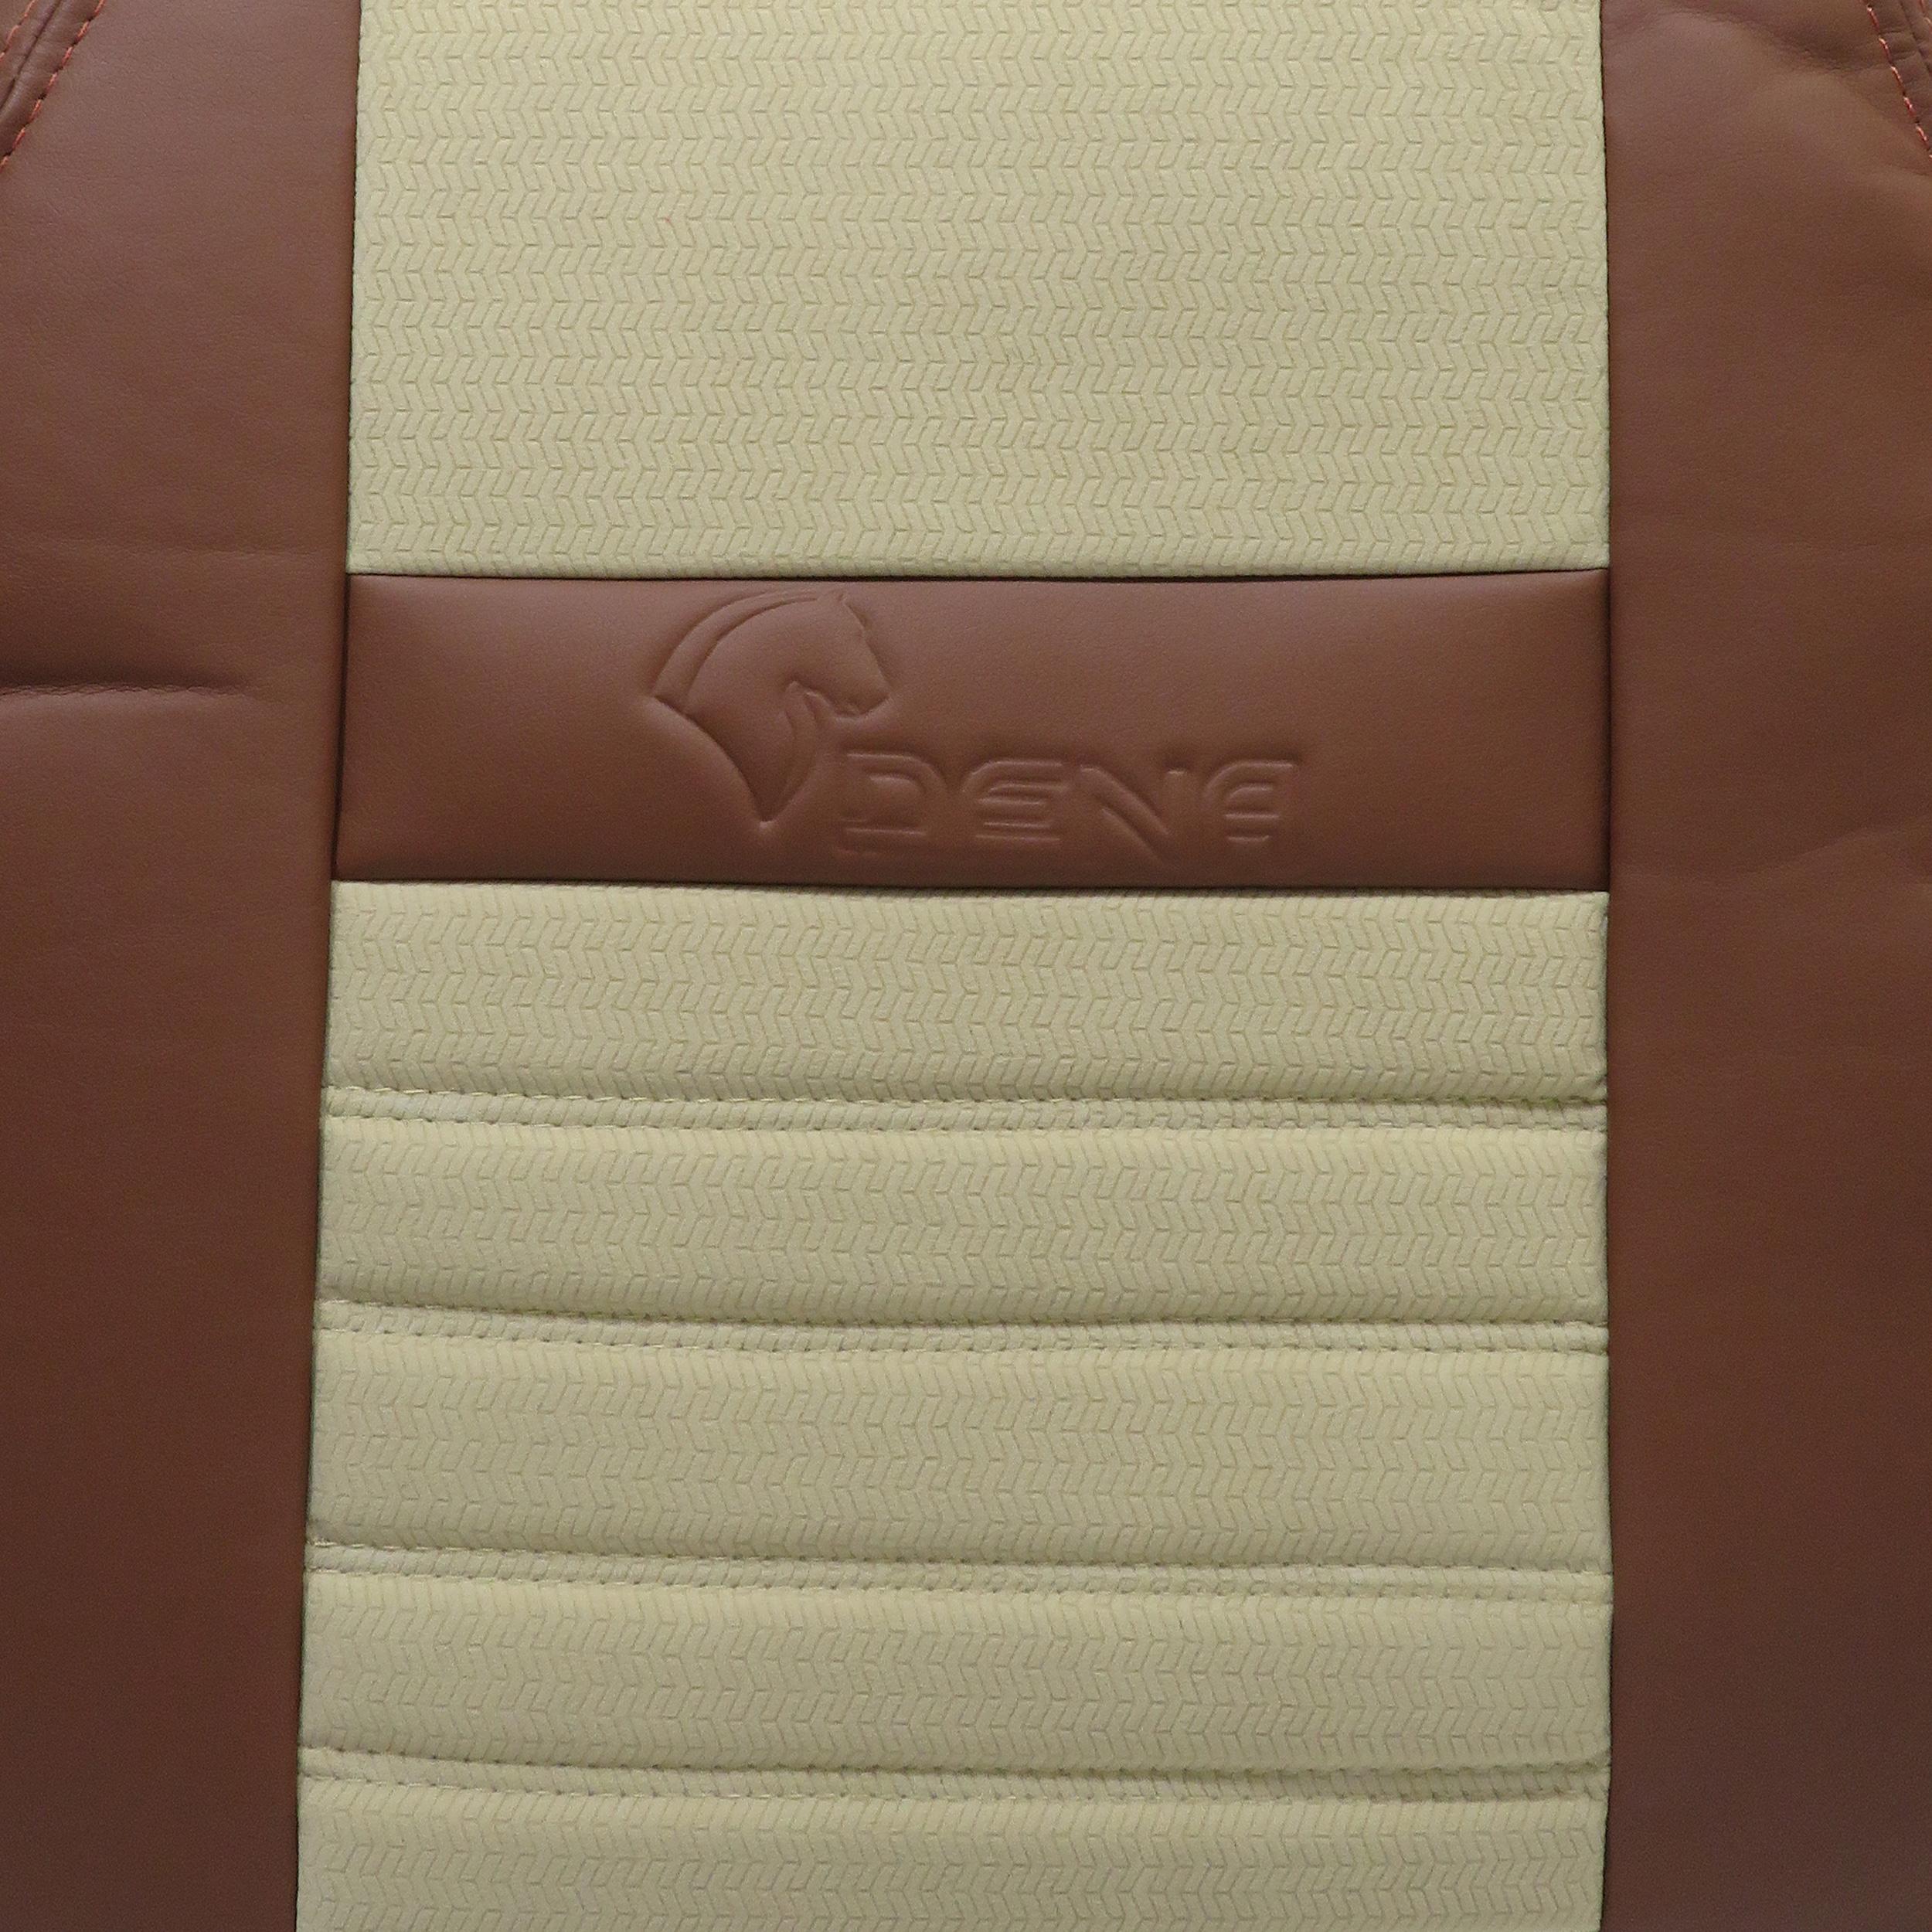 روکش صندلی خودرو مدل R01 مناسب برای دنا